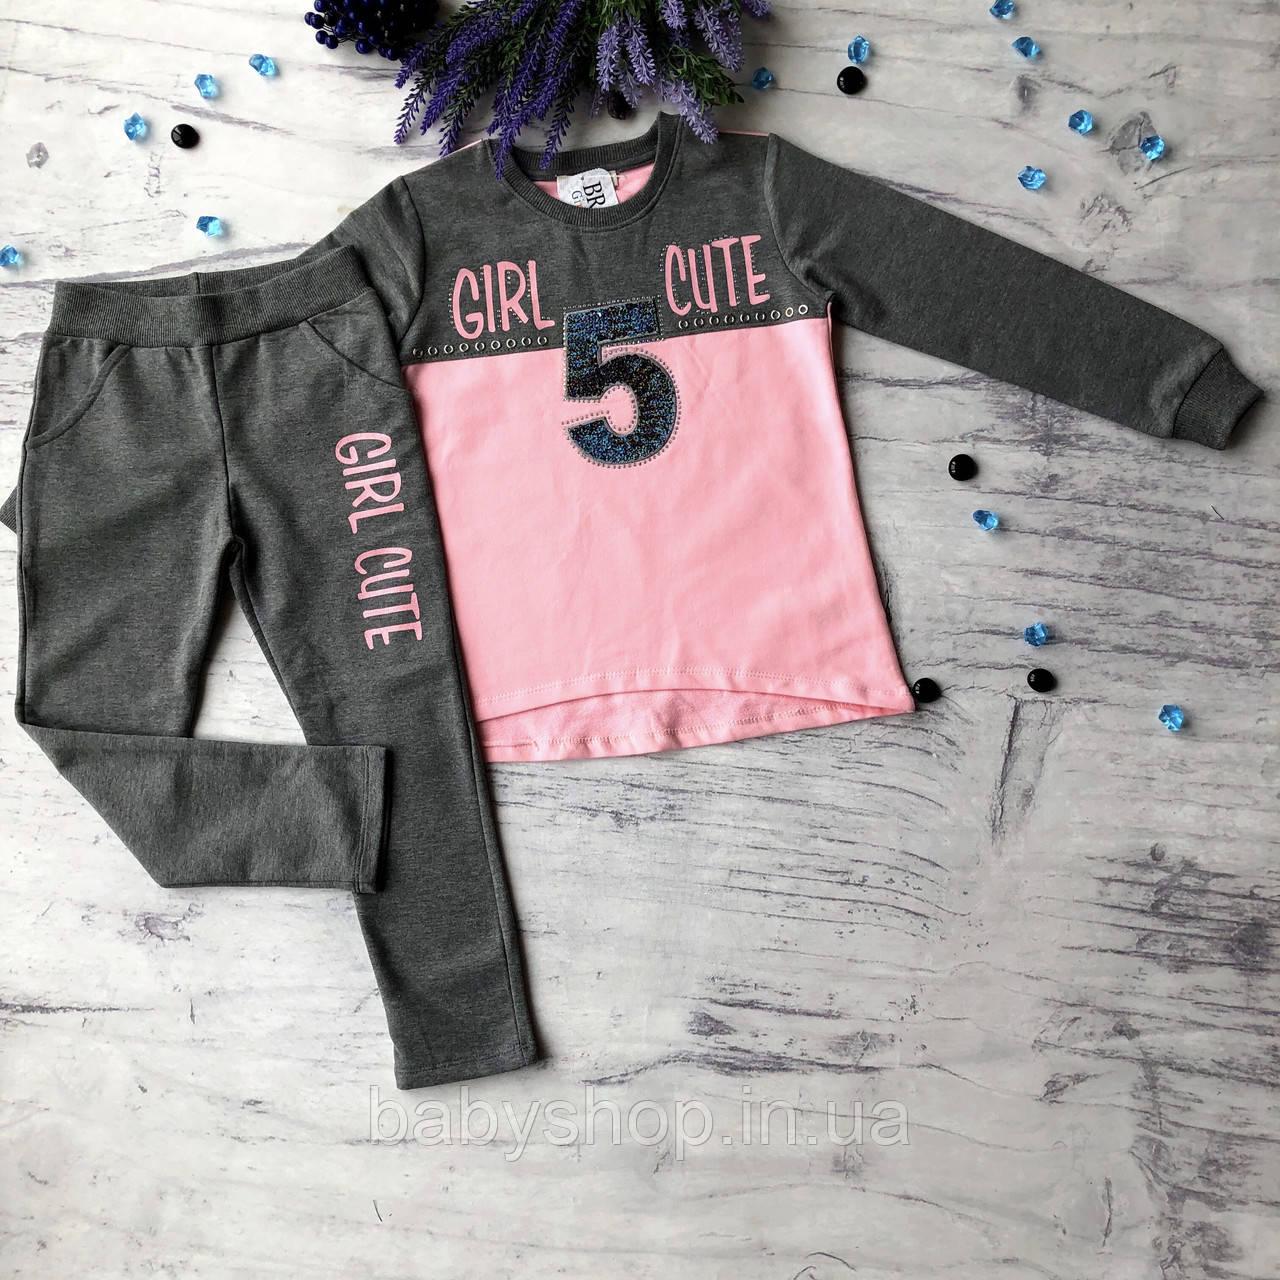 Розовый костюм на девочку Breeze 170. Размер 116 см, 140 см